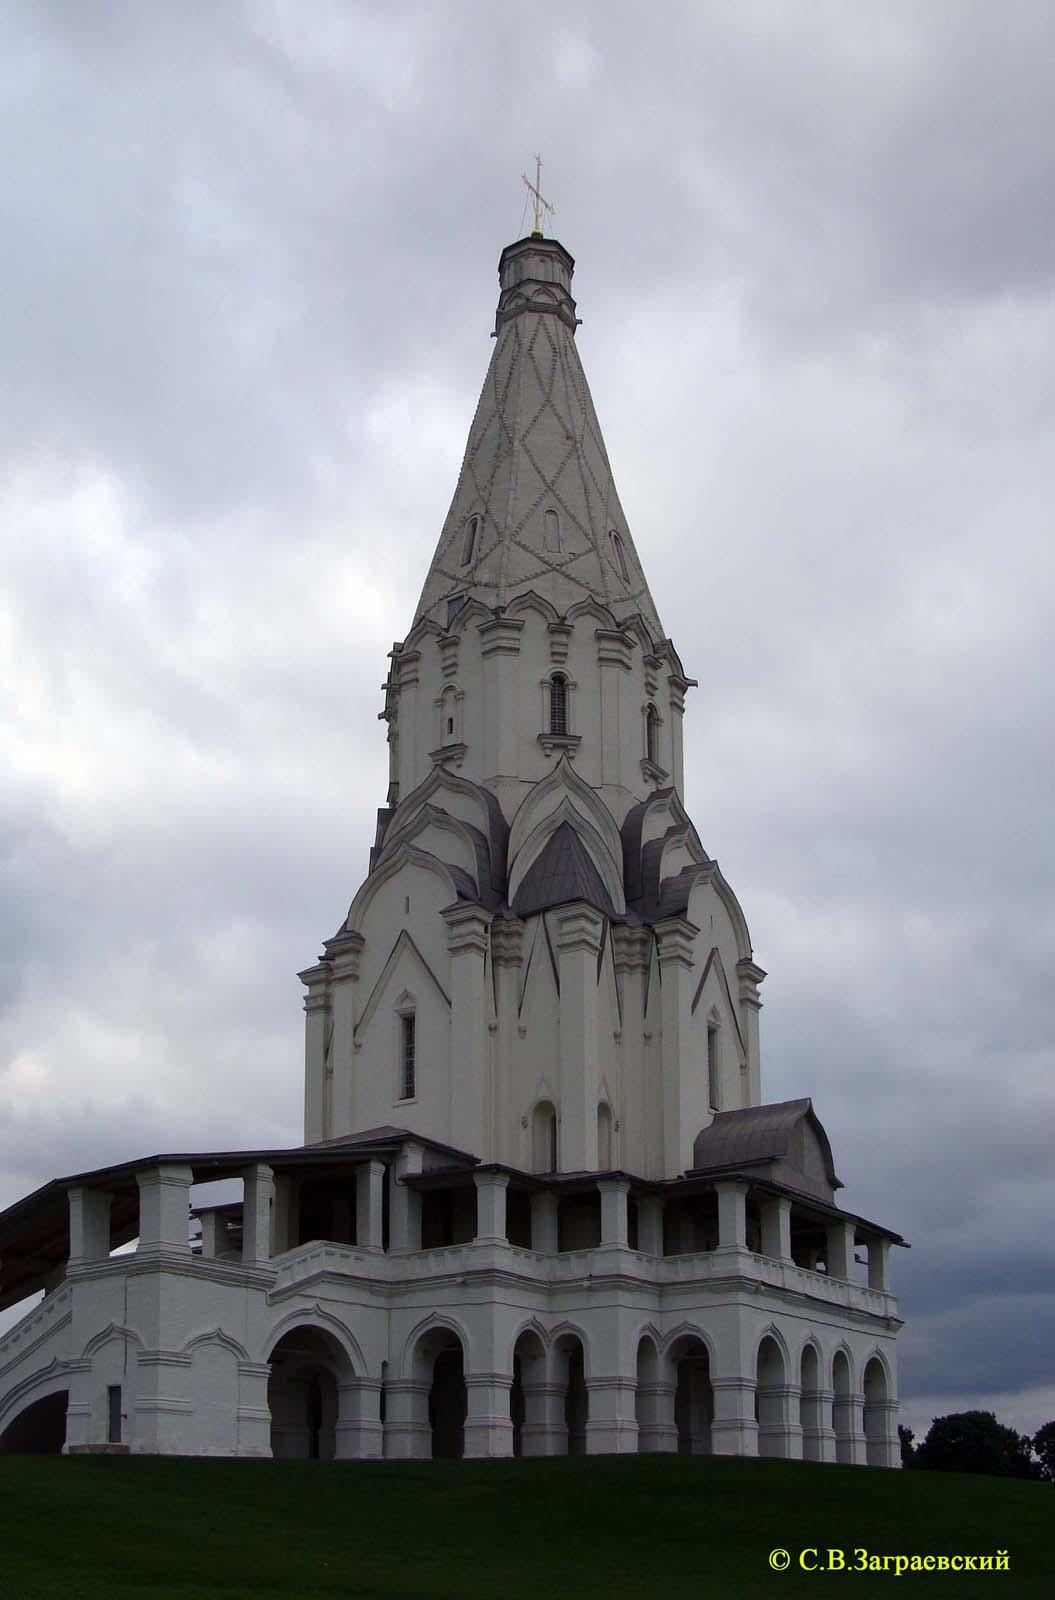 Церковь Вознесения в Коломенском - Интим досуг, секс услуги.